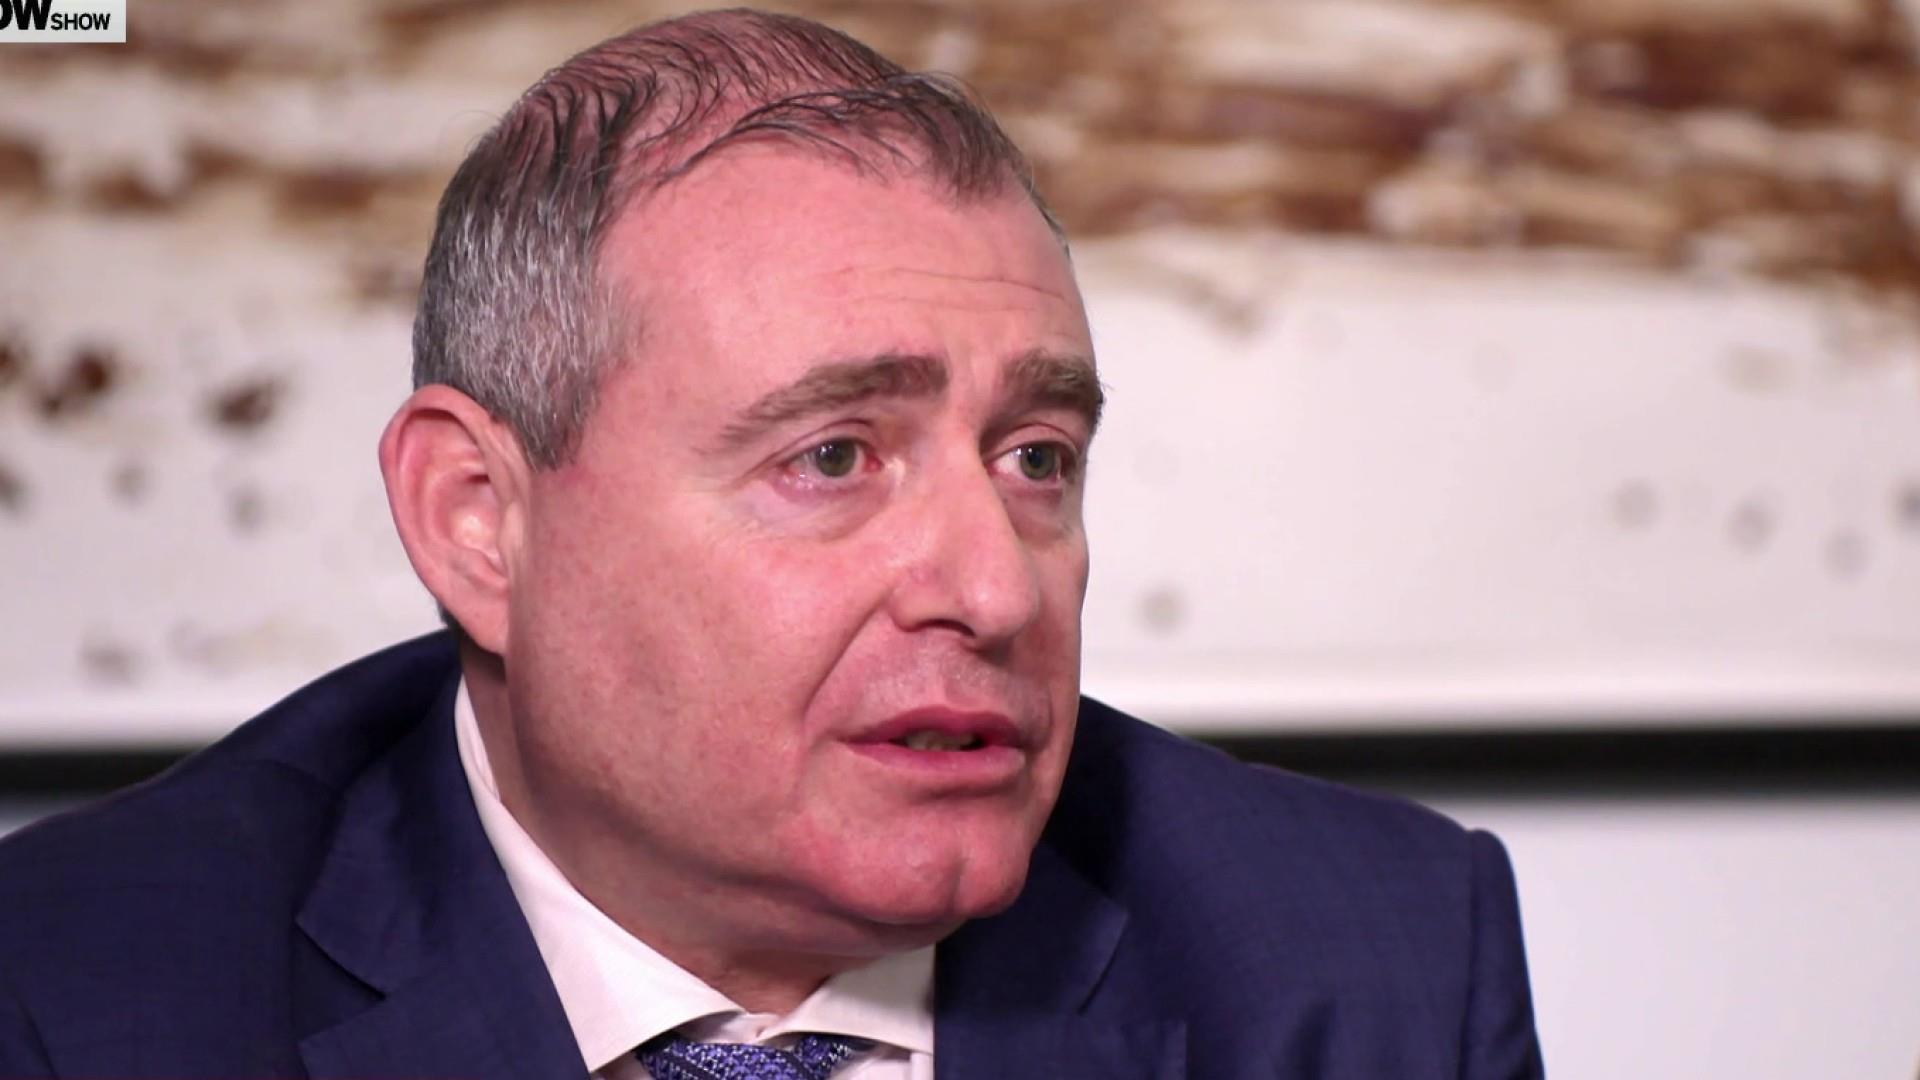 Lev Parnas remarks on role of Devin Nunes in Trump Ukraine Scheme